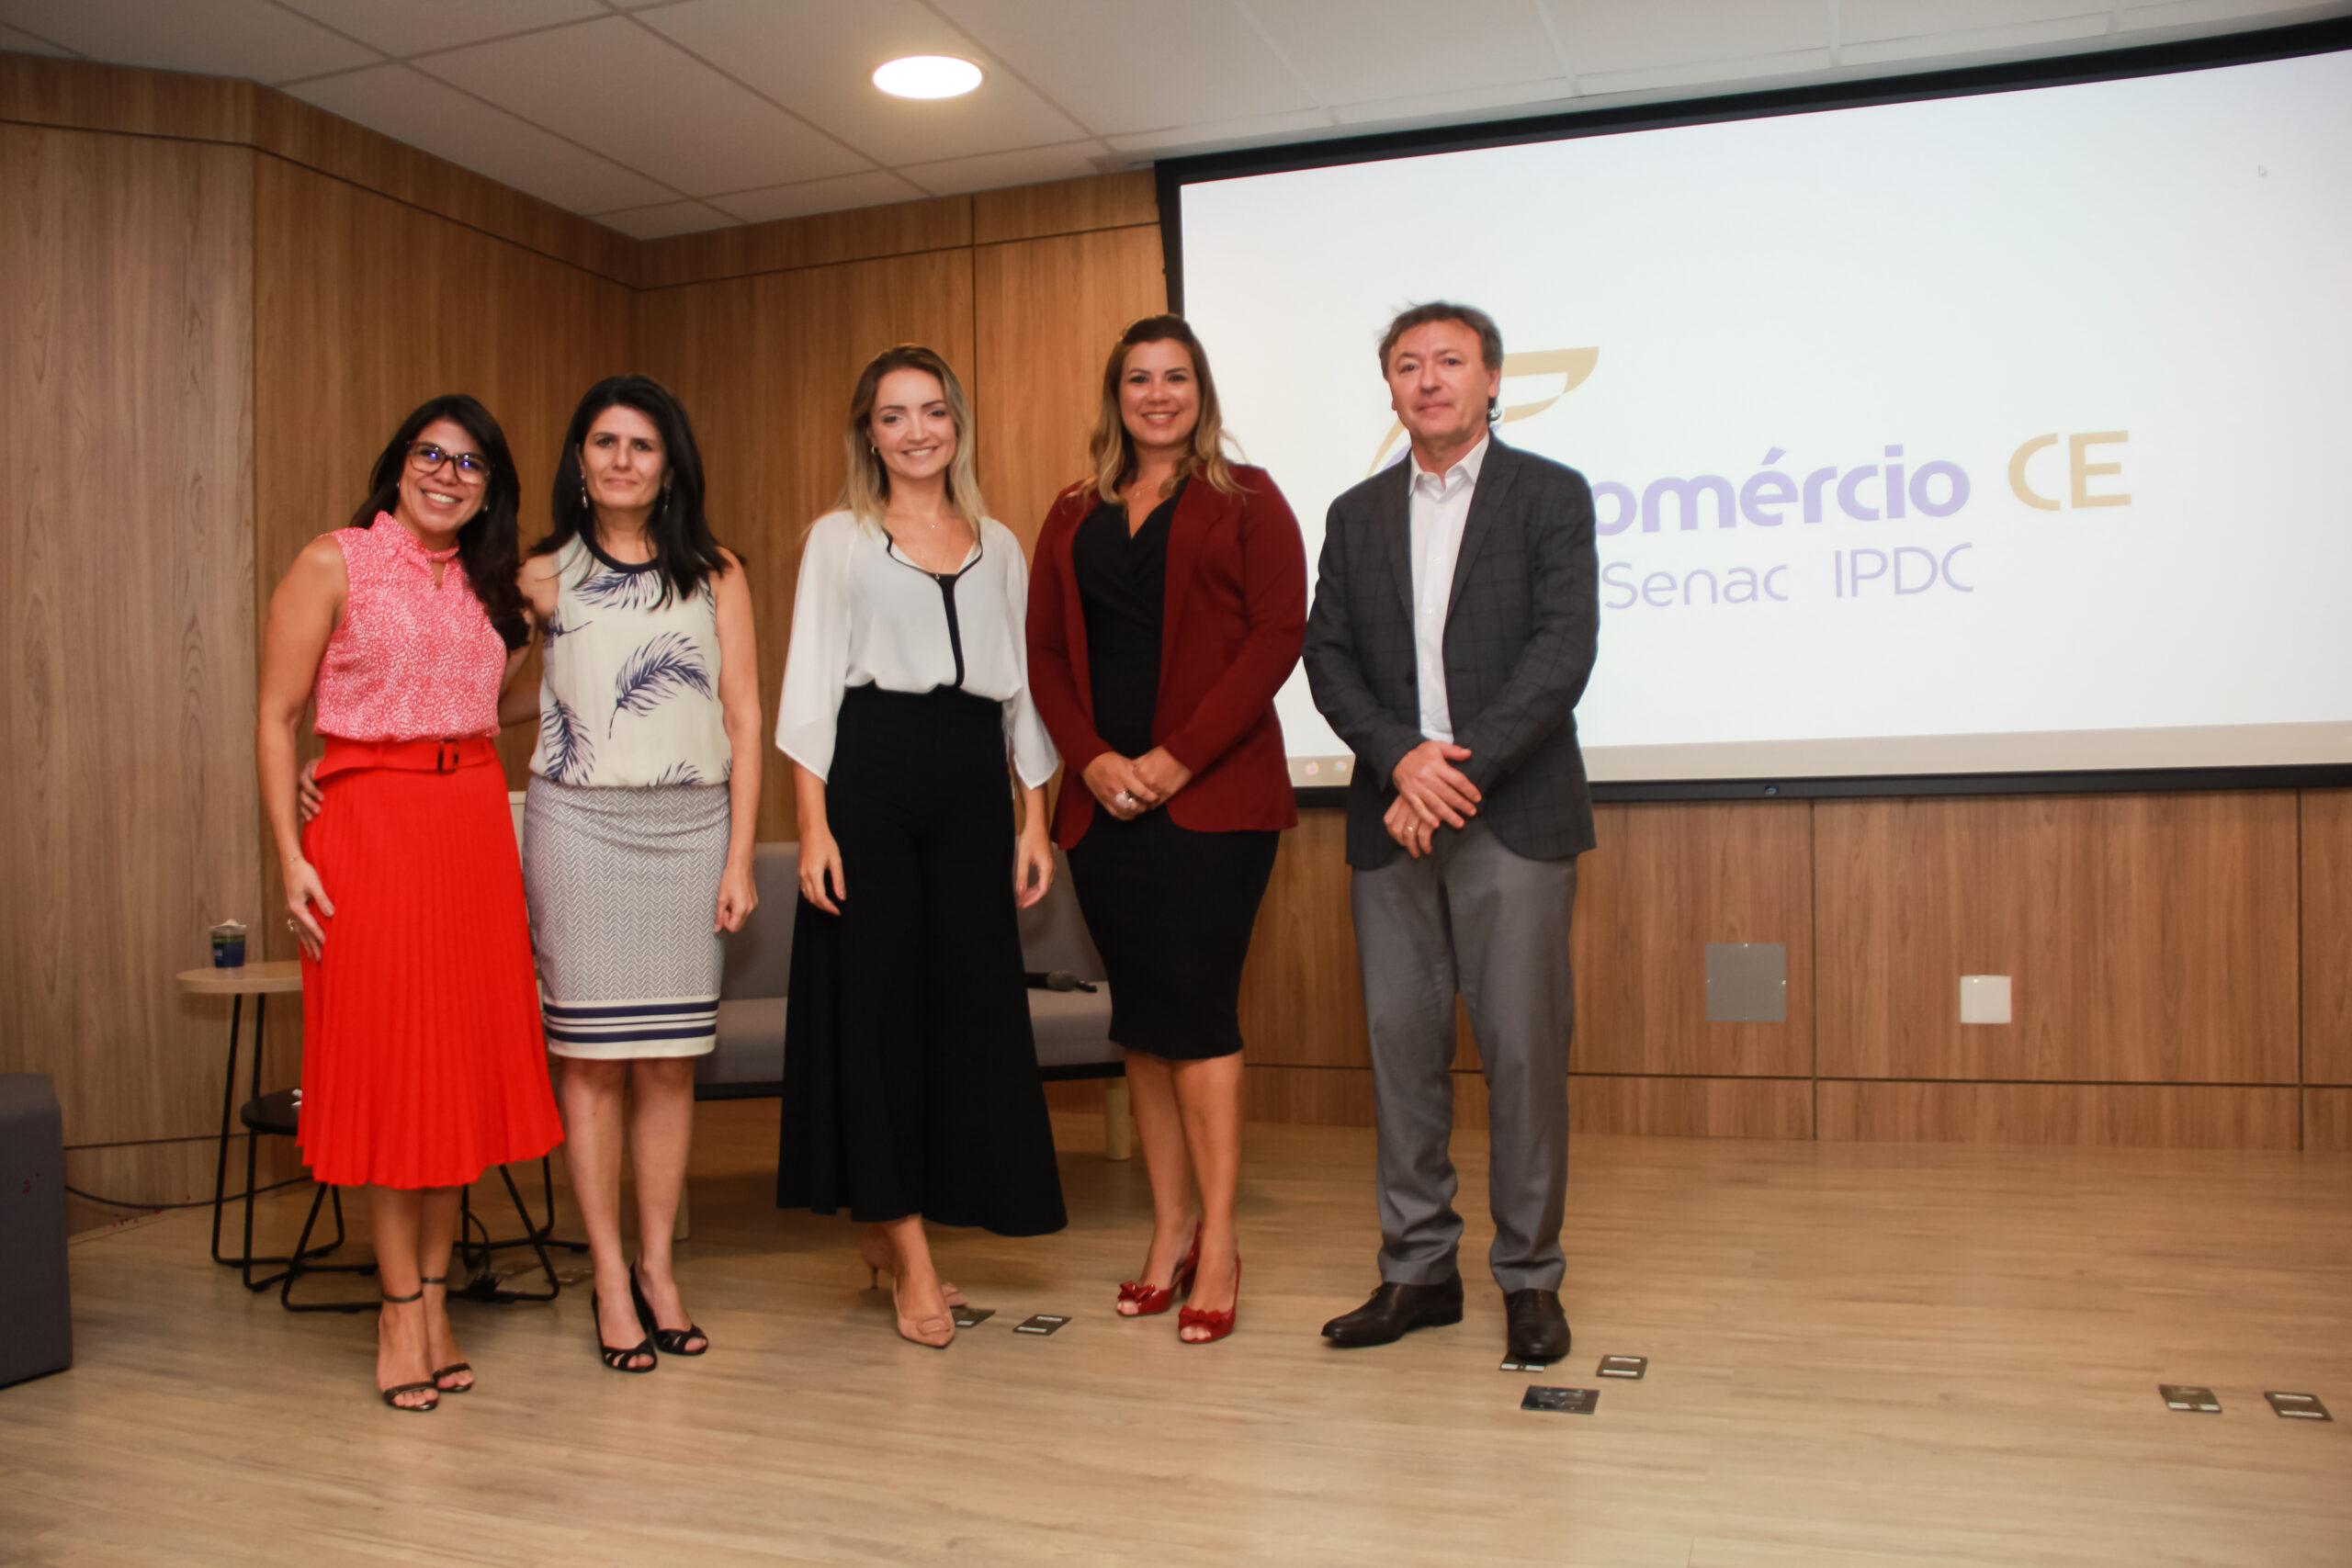 Fecomércio Ceará homenageia empresários e discute futuro econômico do país em 2020